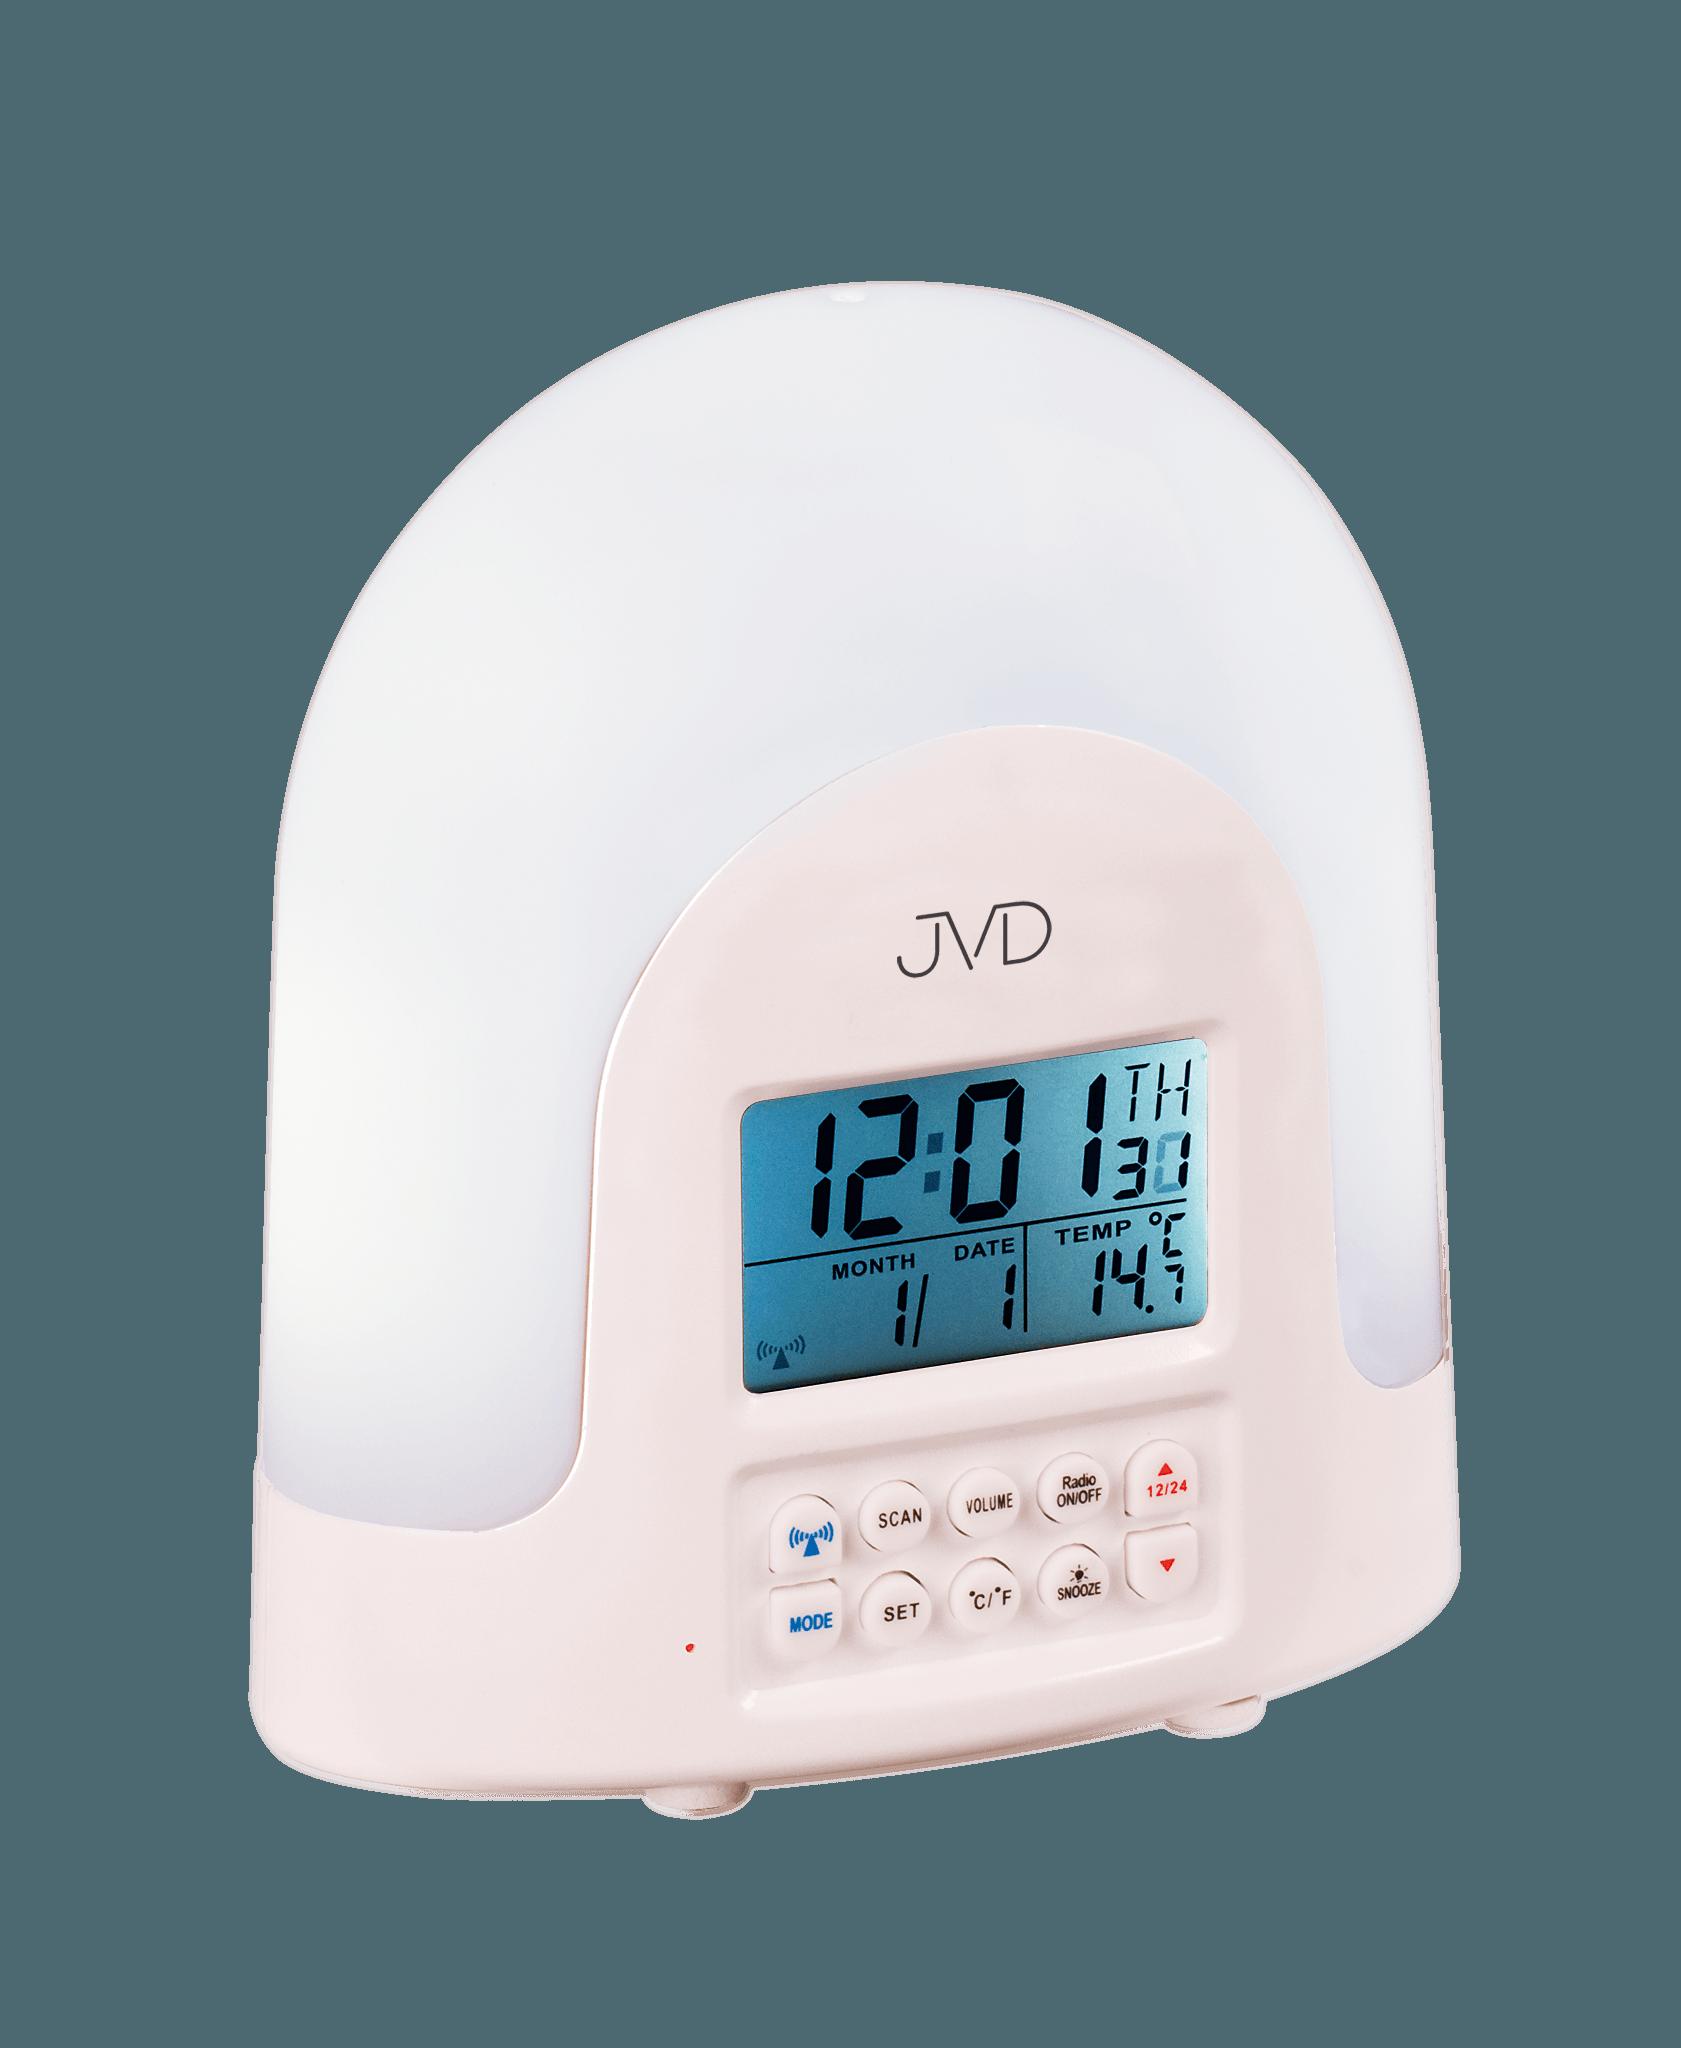 radiocontrolled alarm clock  Linguee  DeutschEnglisch